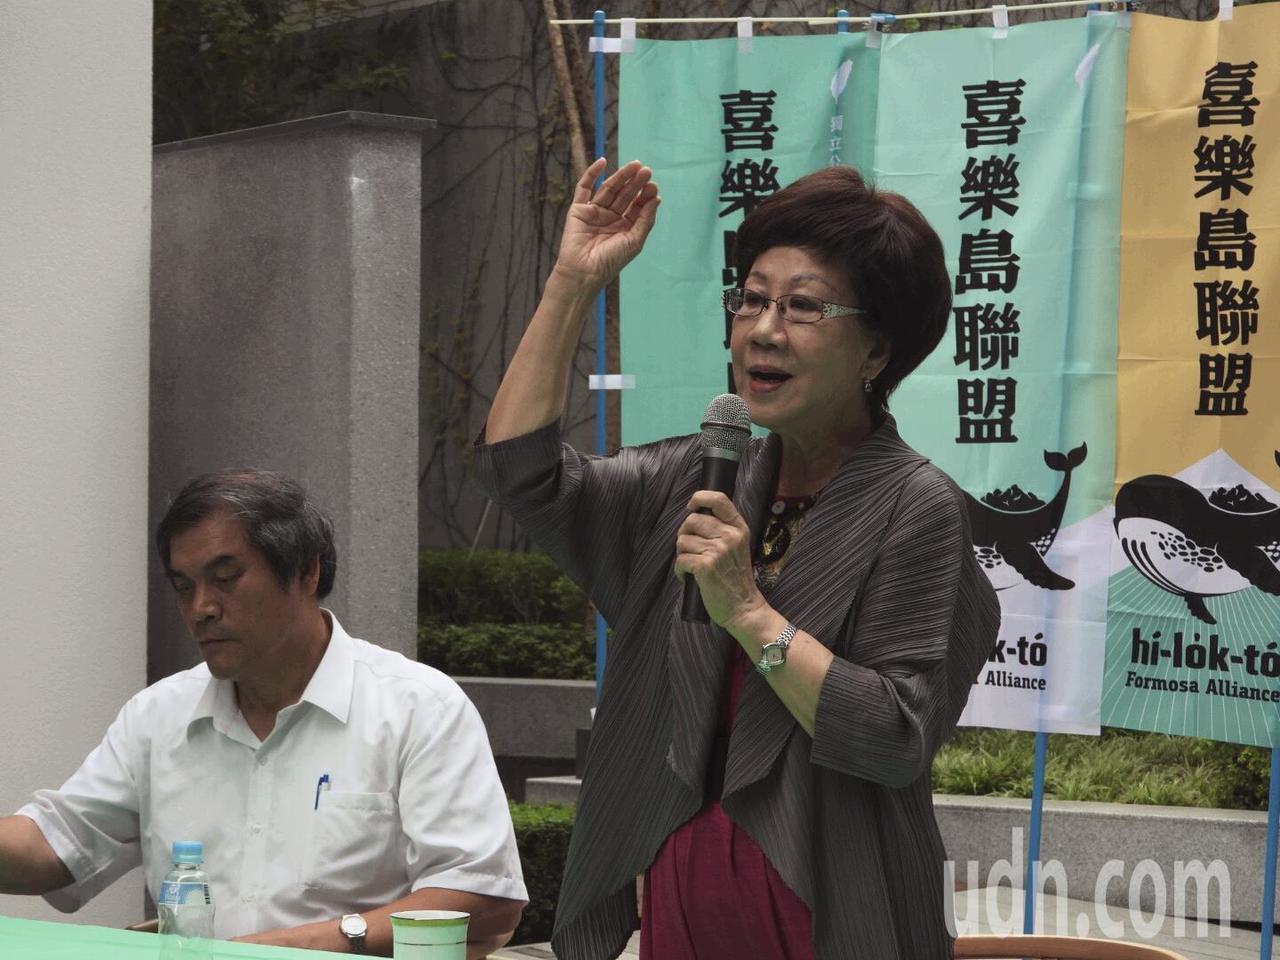 呂秀蓮上午到台南市舉辦第一場連署說明會,下午將到高雄市。記者周宗禎/攝影